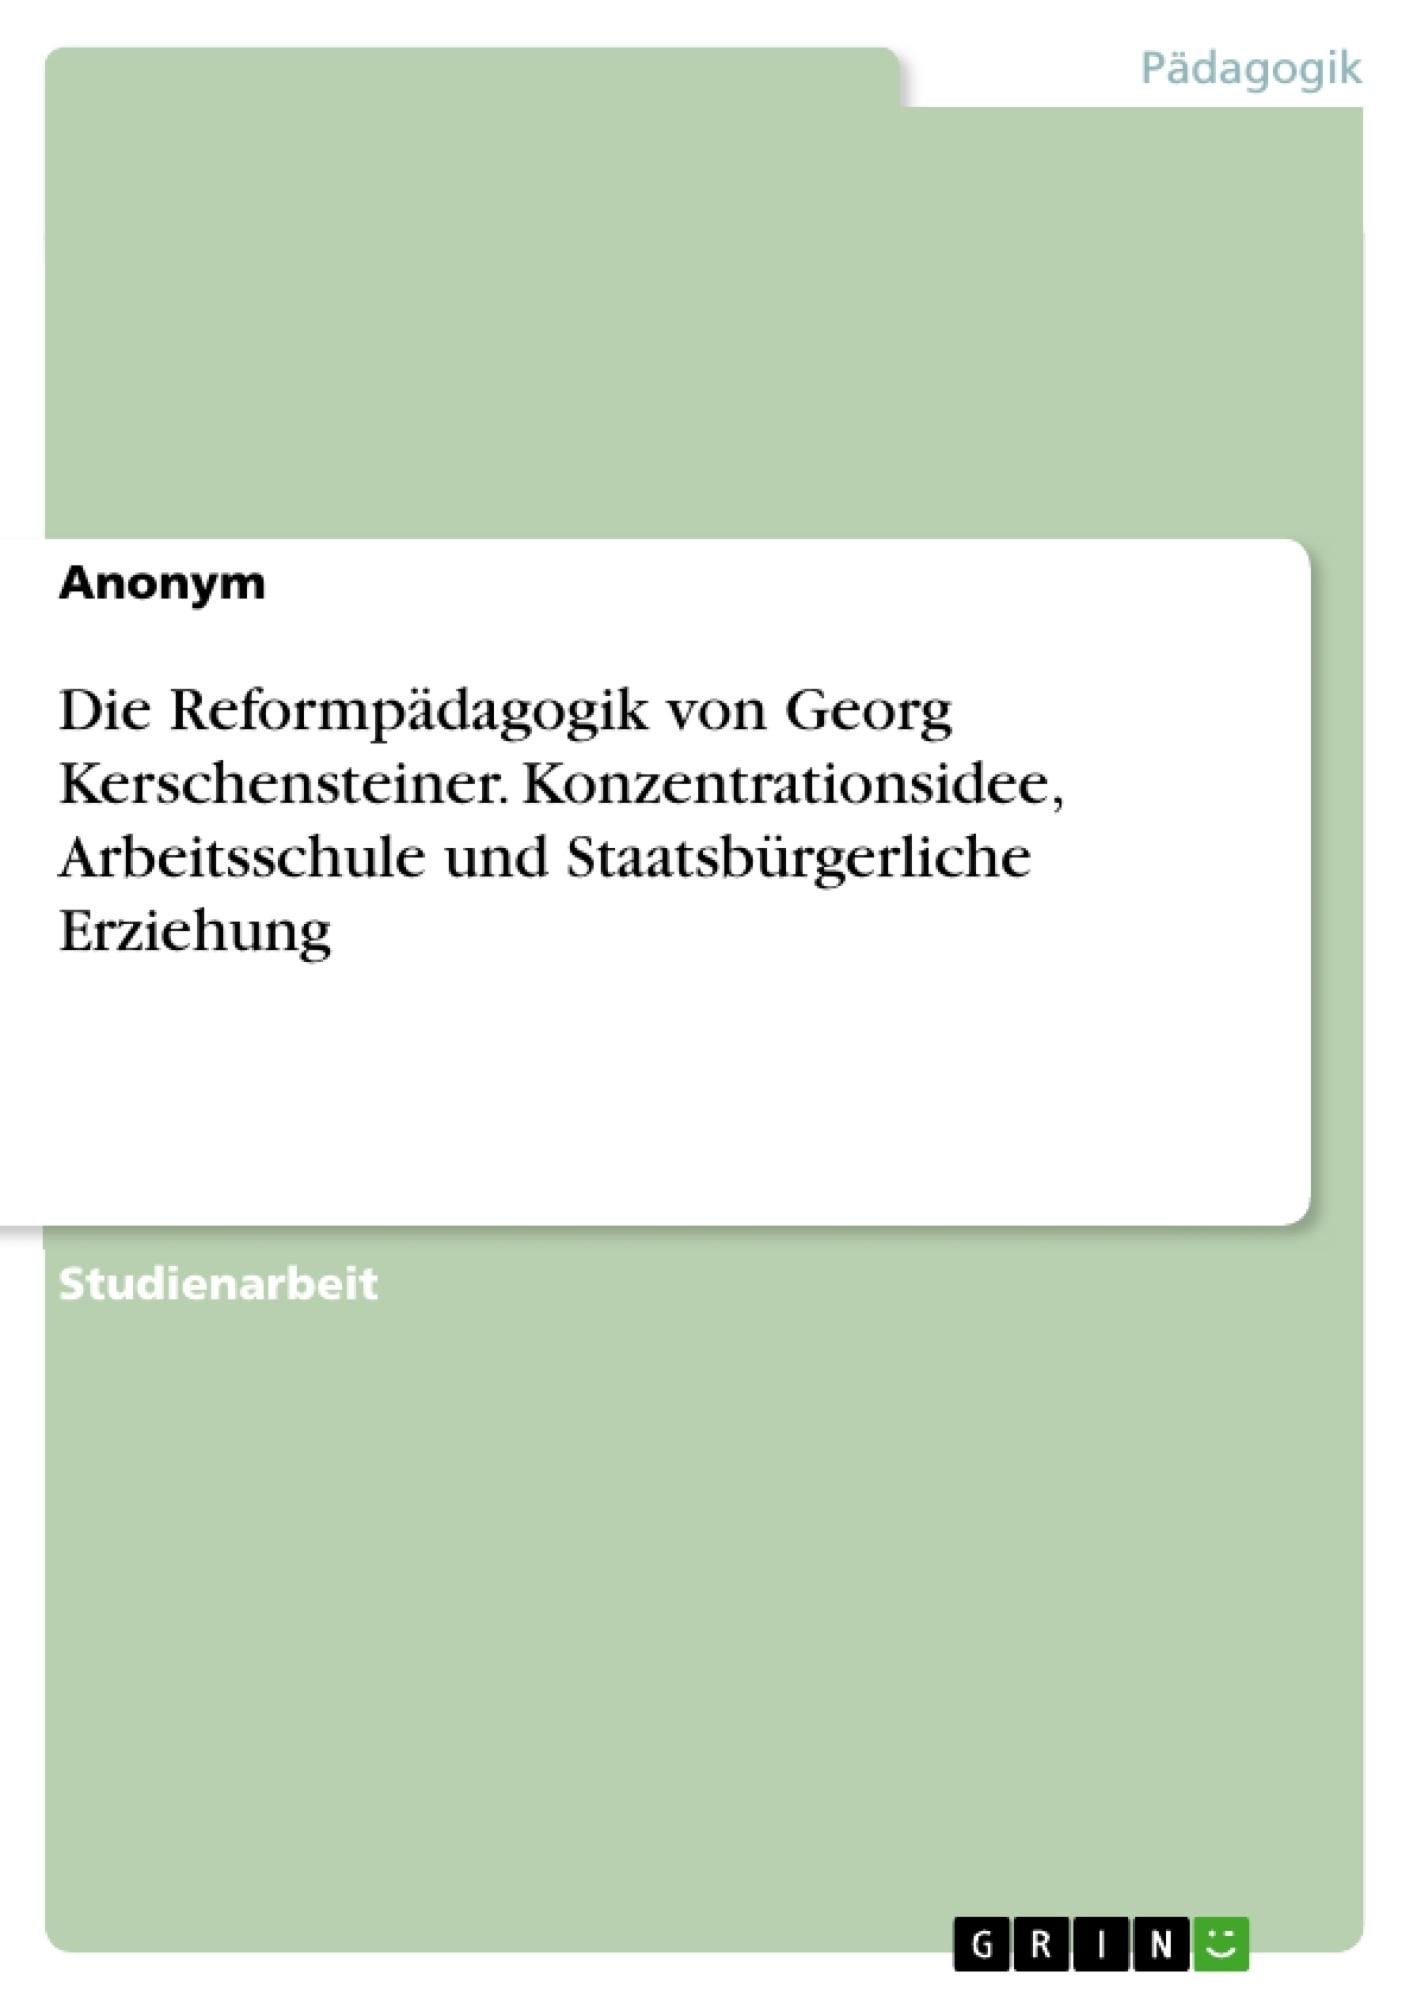 Titel: Die Reformpädagogik von Georg Kerschensteiner. Konzentrationsidee, Arbeitsschule und  Staatsbürgerliche Erziehung